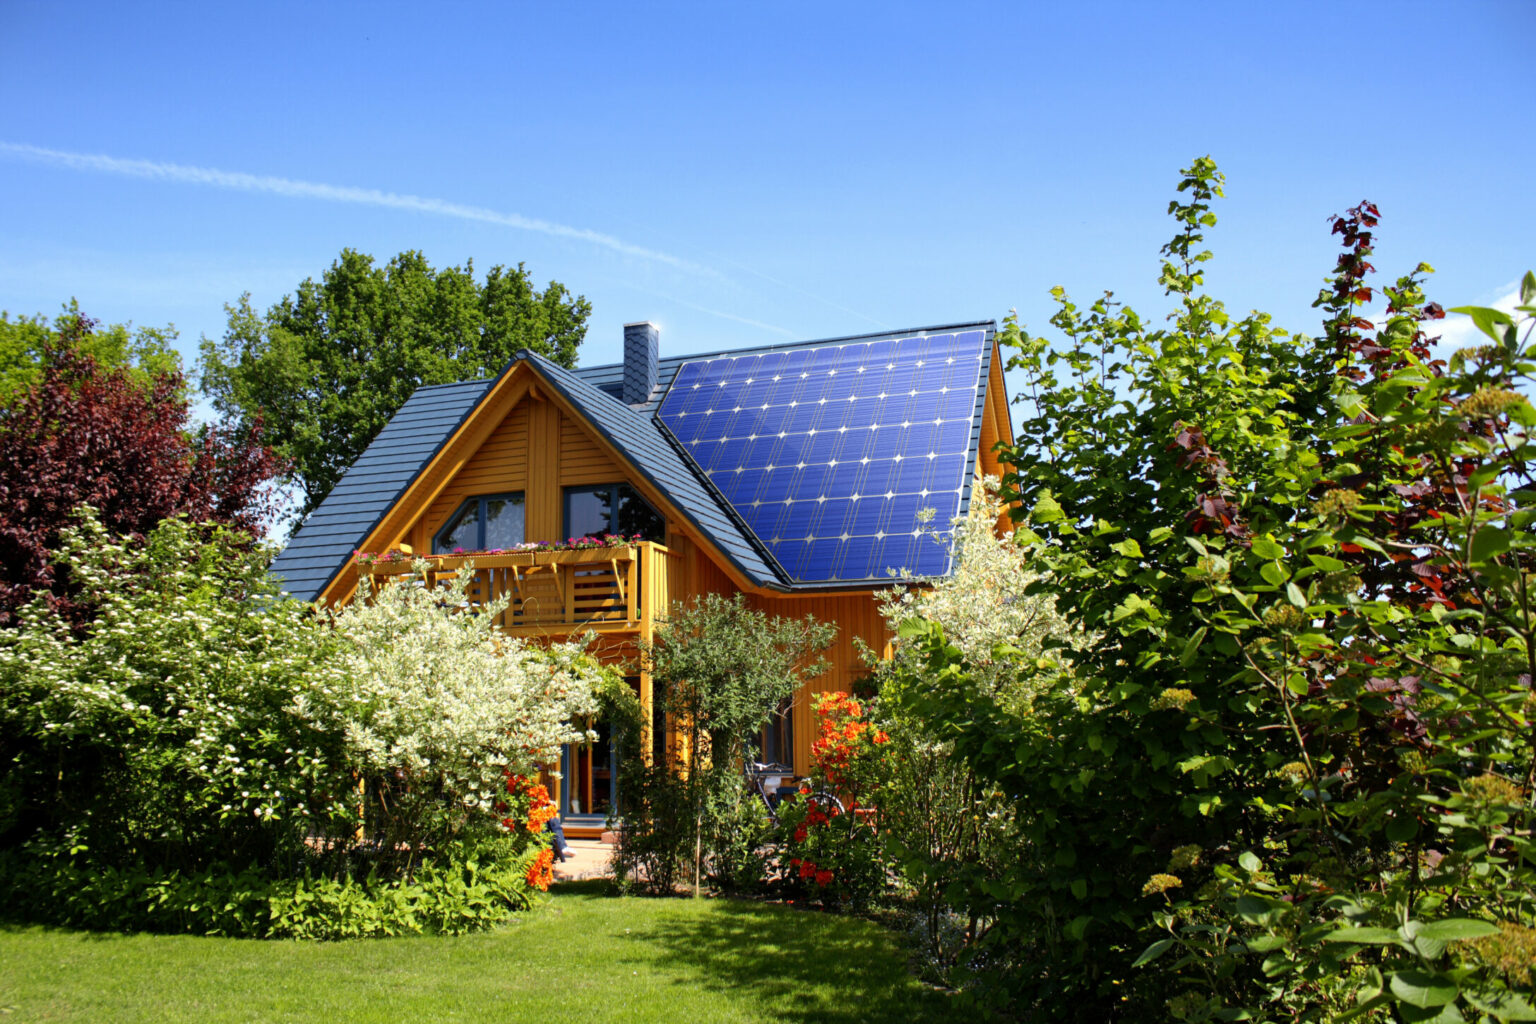 Solarpflicht Baden-Württemberg